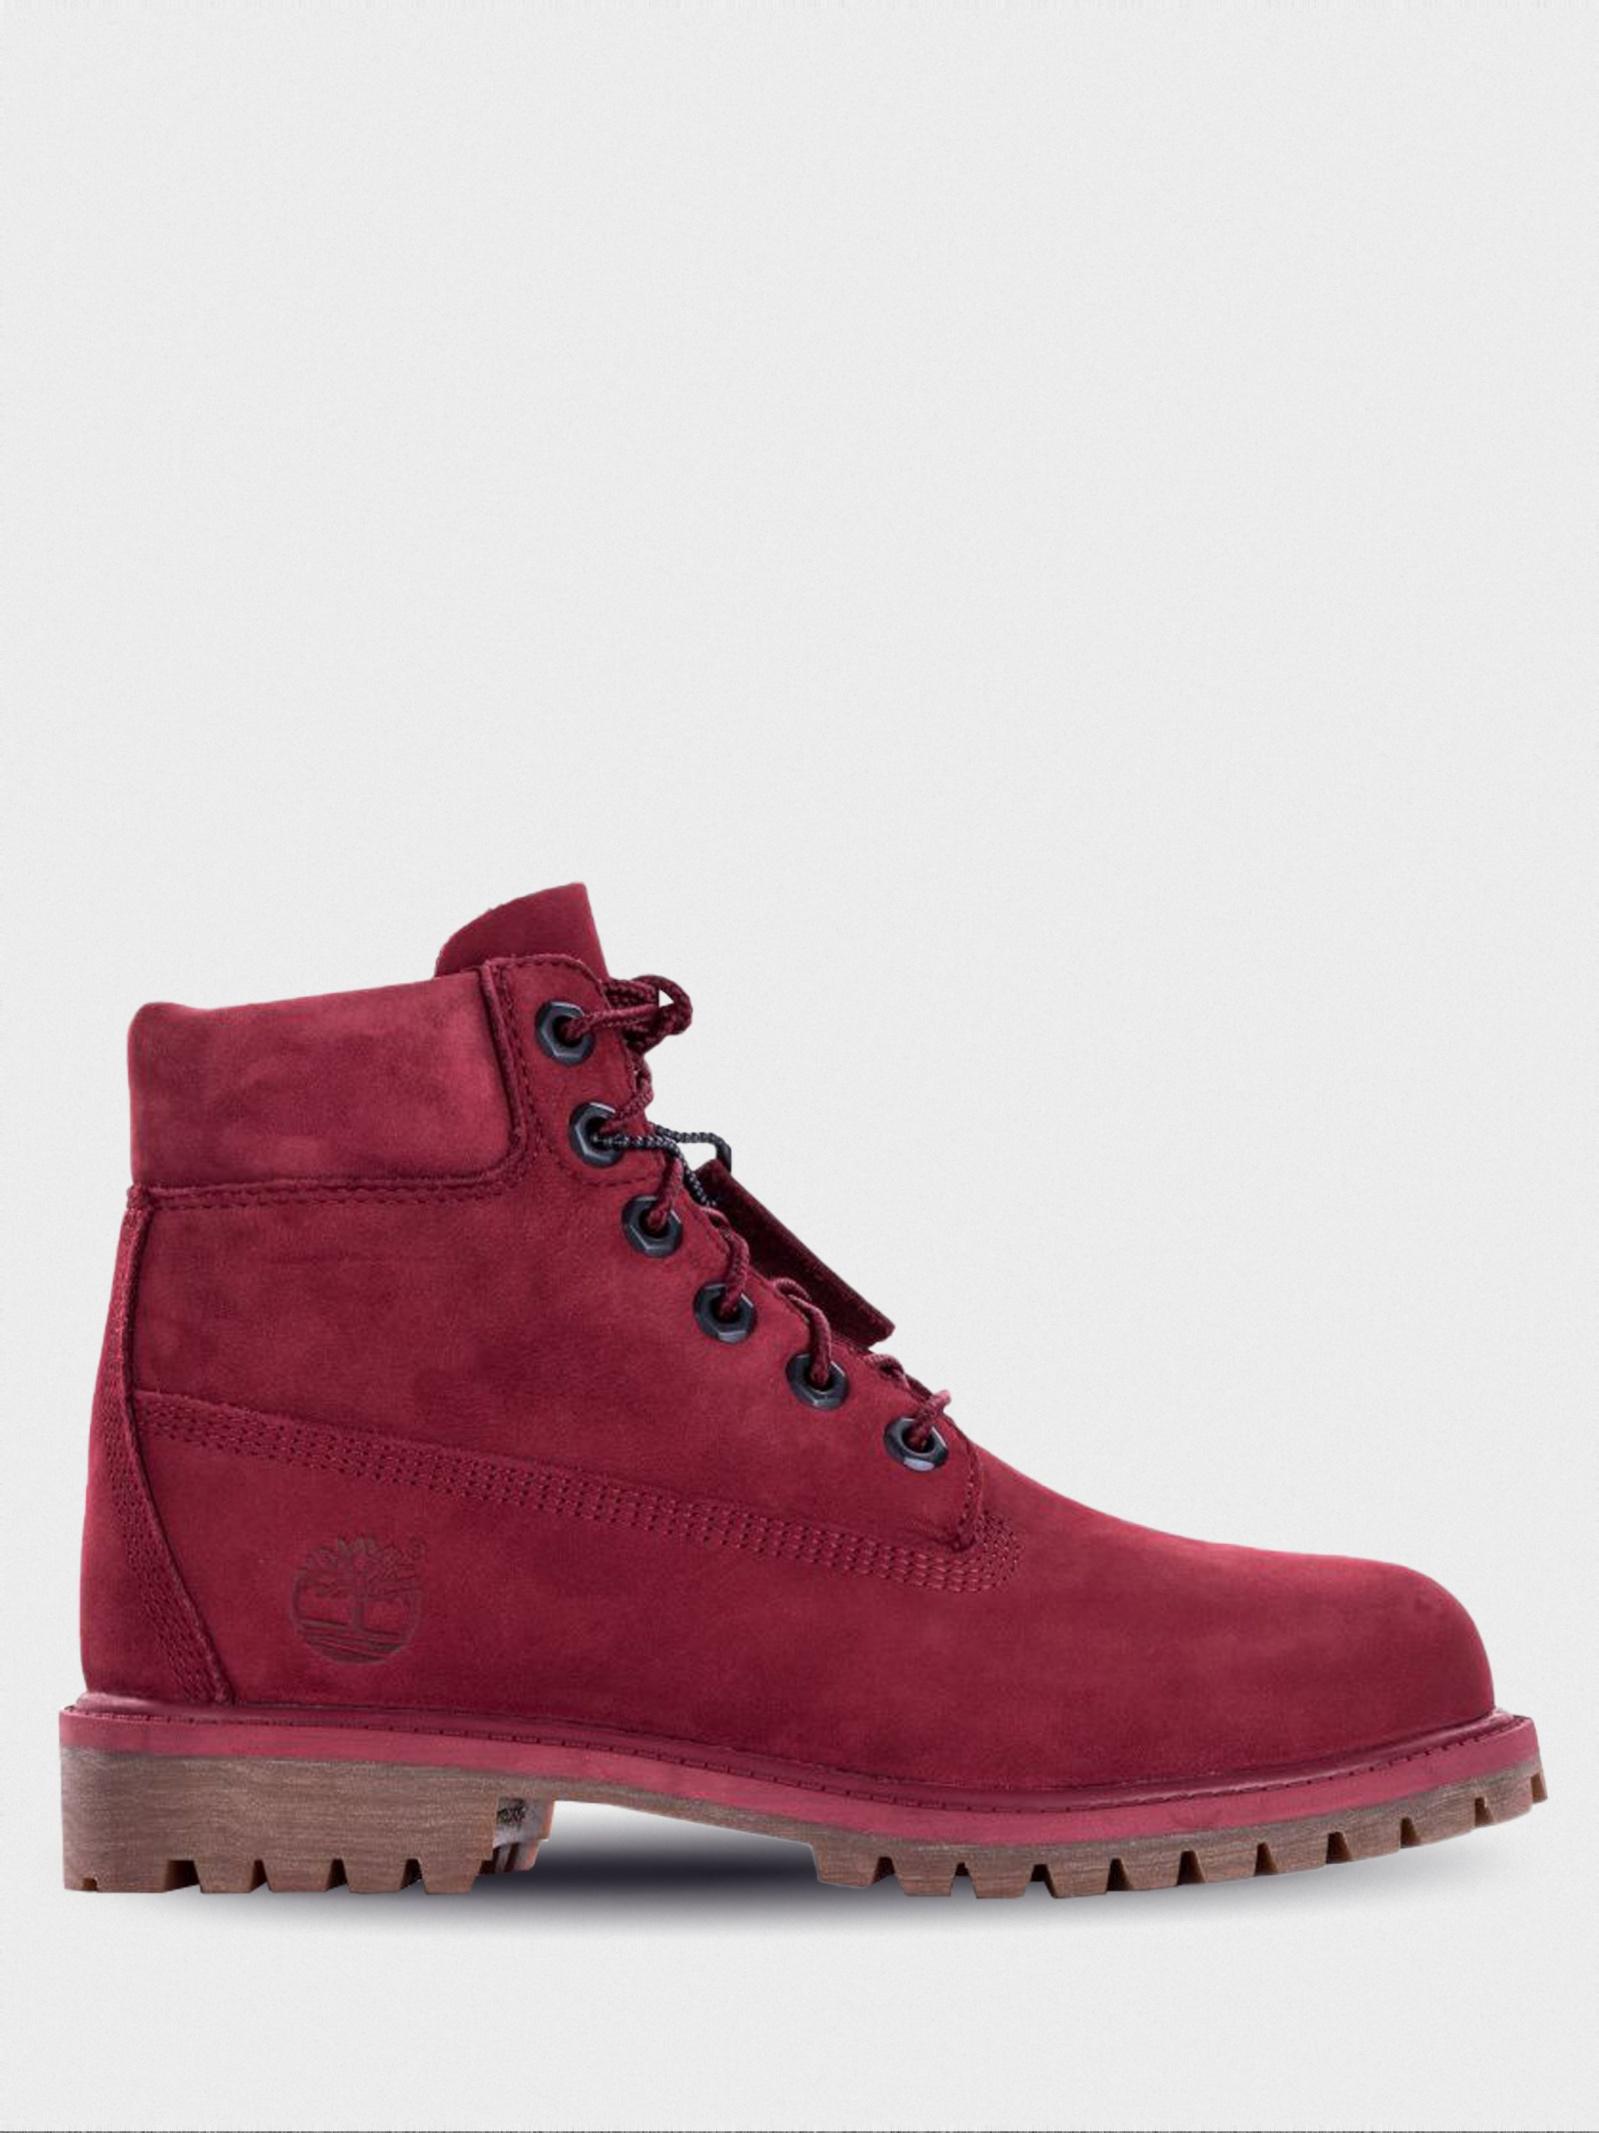 Ботинки для детей Timberland 6 In Classic Boot TL1681 купить в Интертоп, 2017